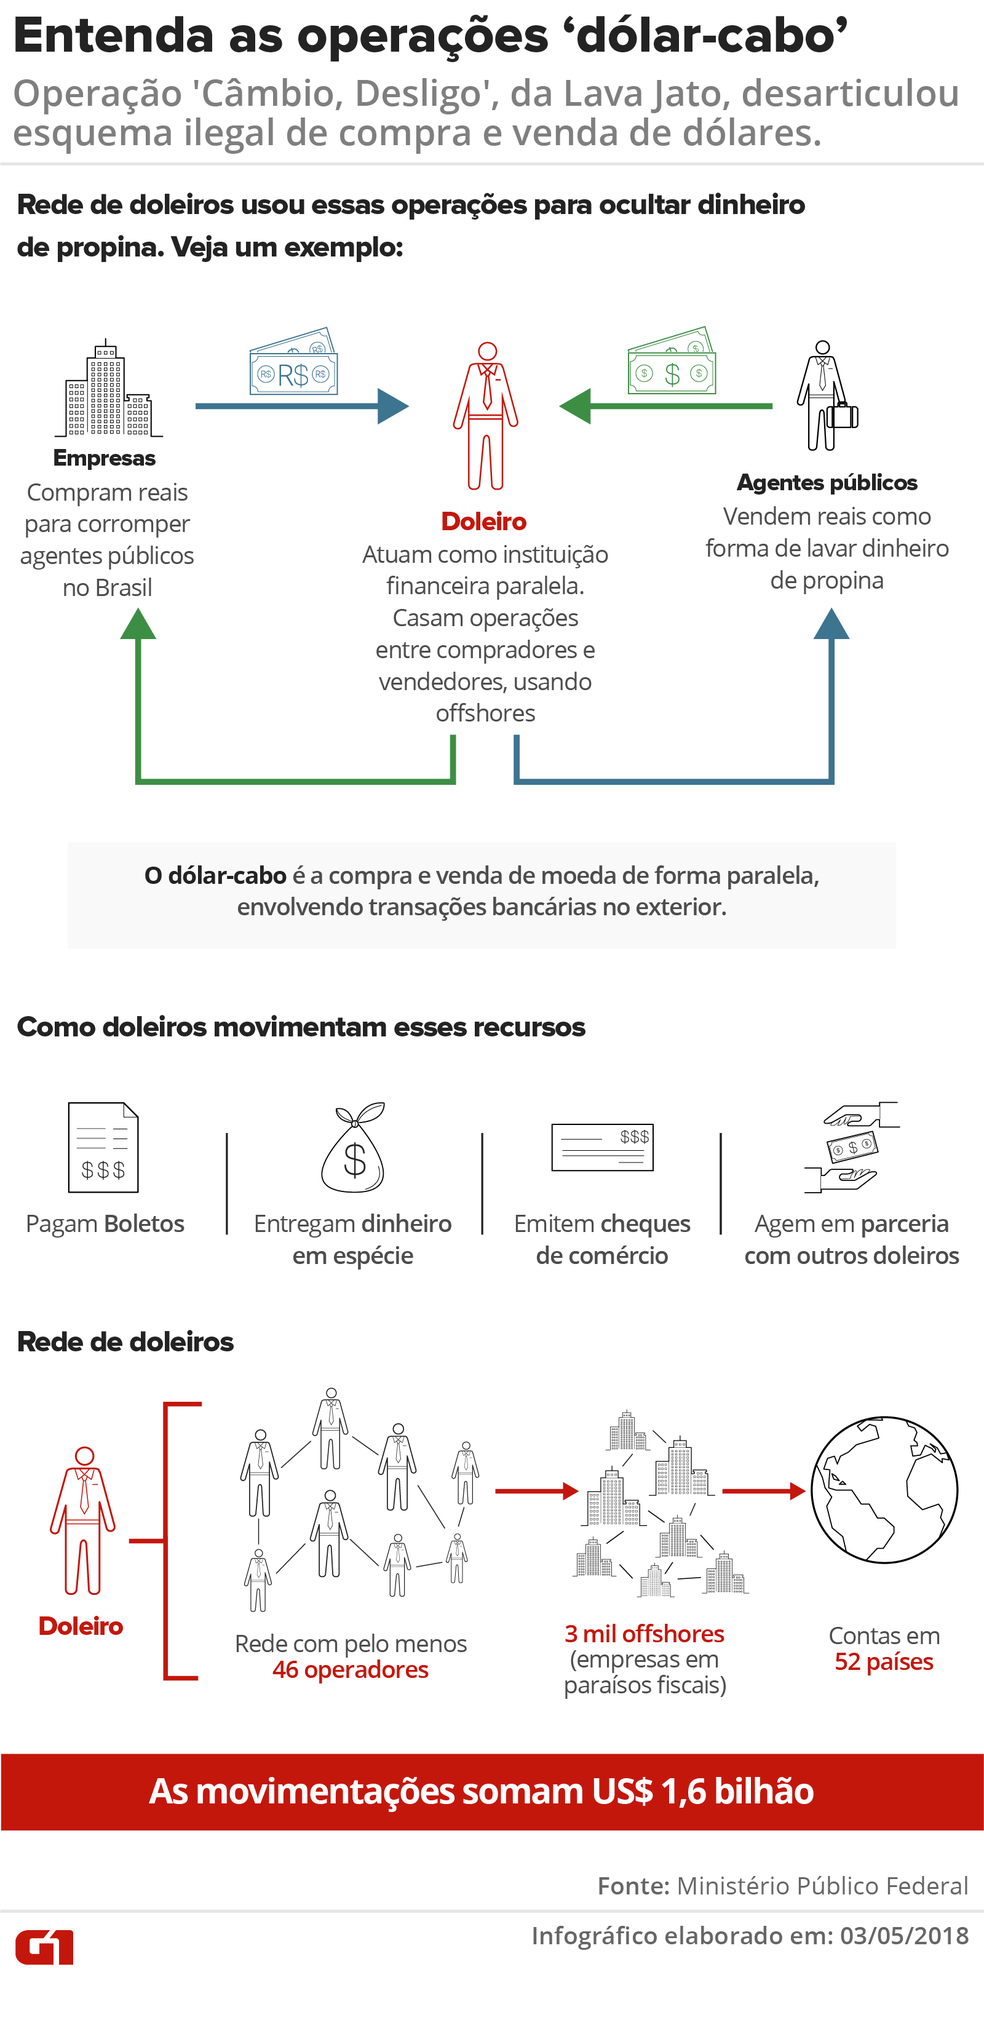 Entenda o que é 'dólar-cabo', operação usada para esconder dinheiro de propina — Foto: Infográfico: Juliane Monteiro/G1